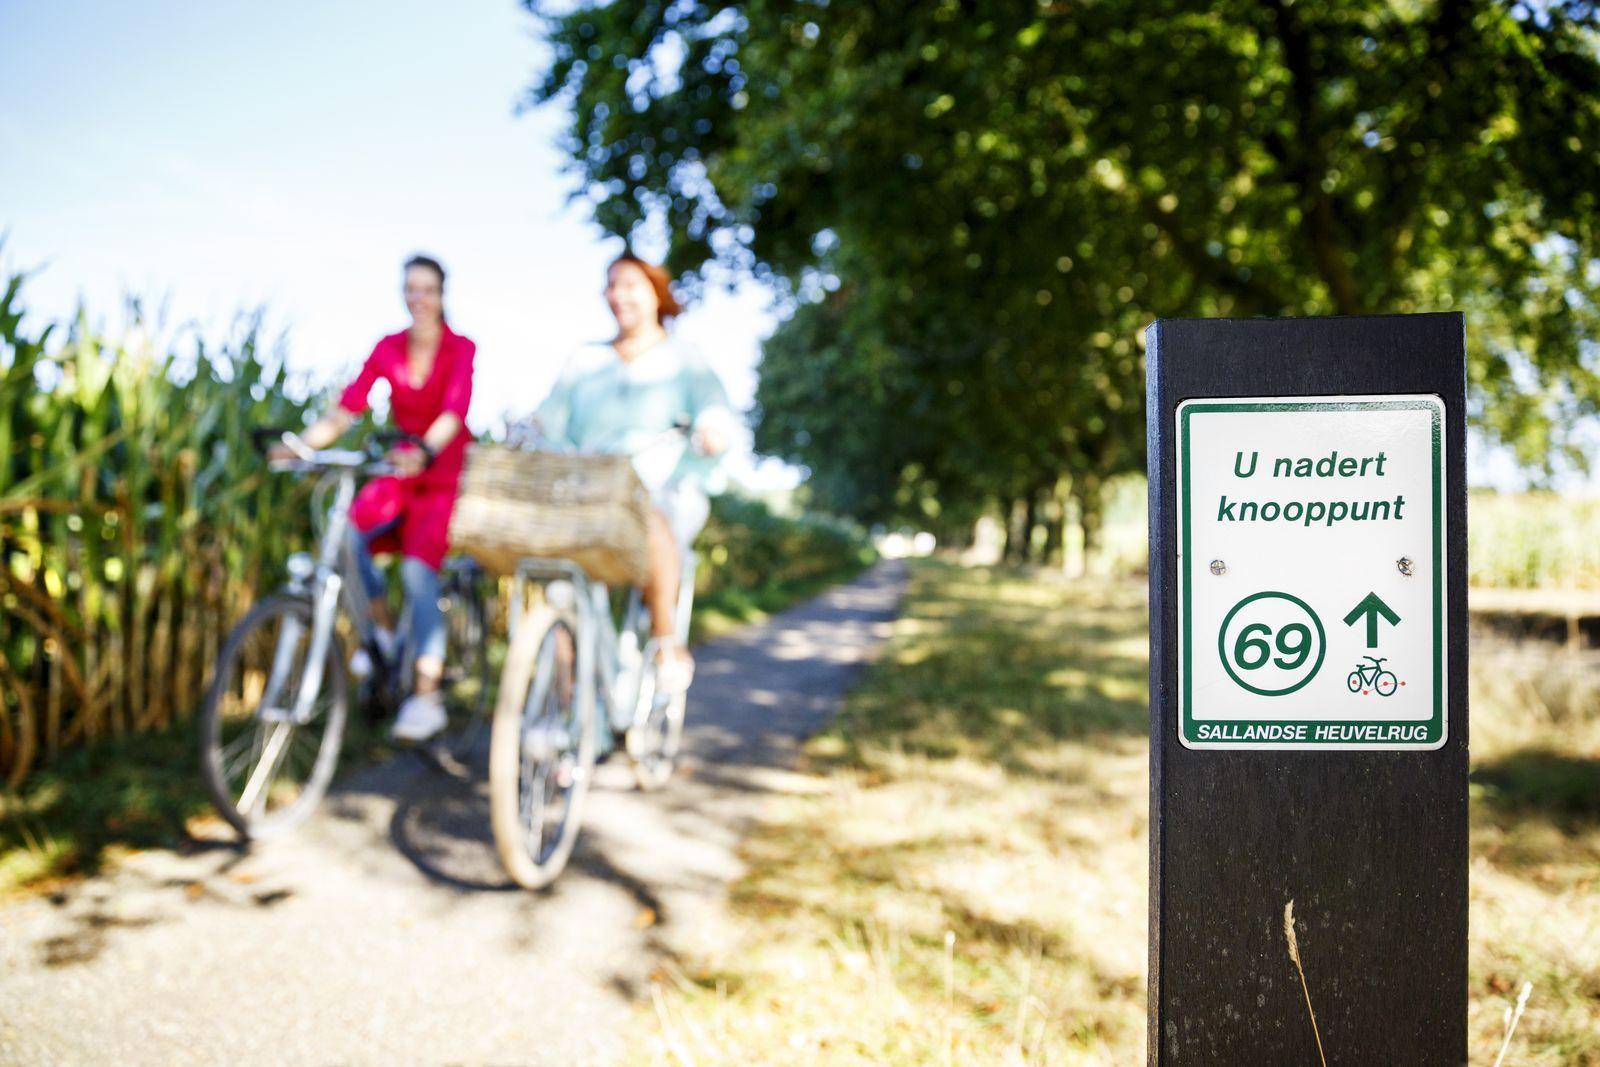 Maart: 8 daags fiets arrangement inclusief luxe fietsen